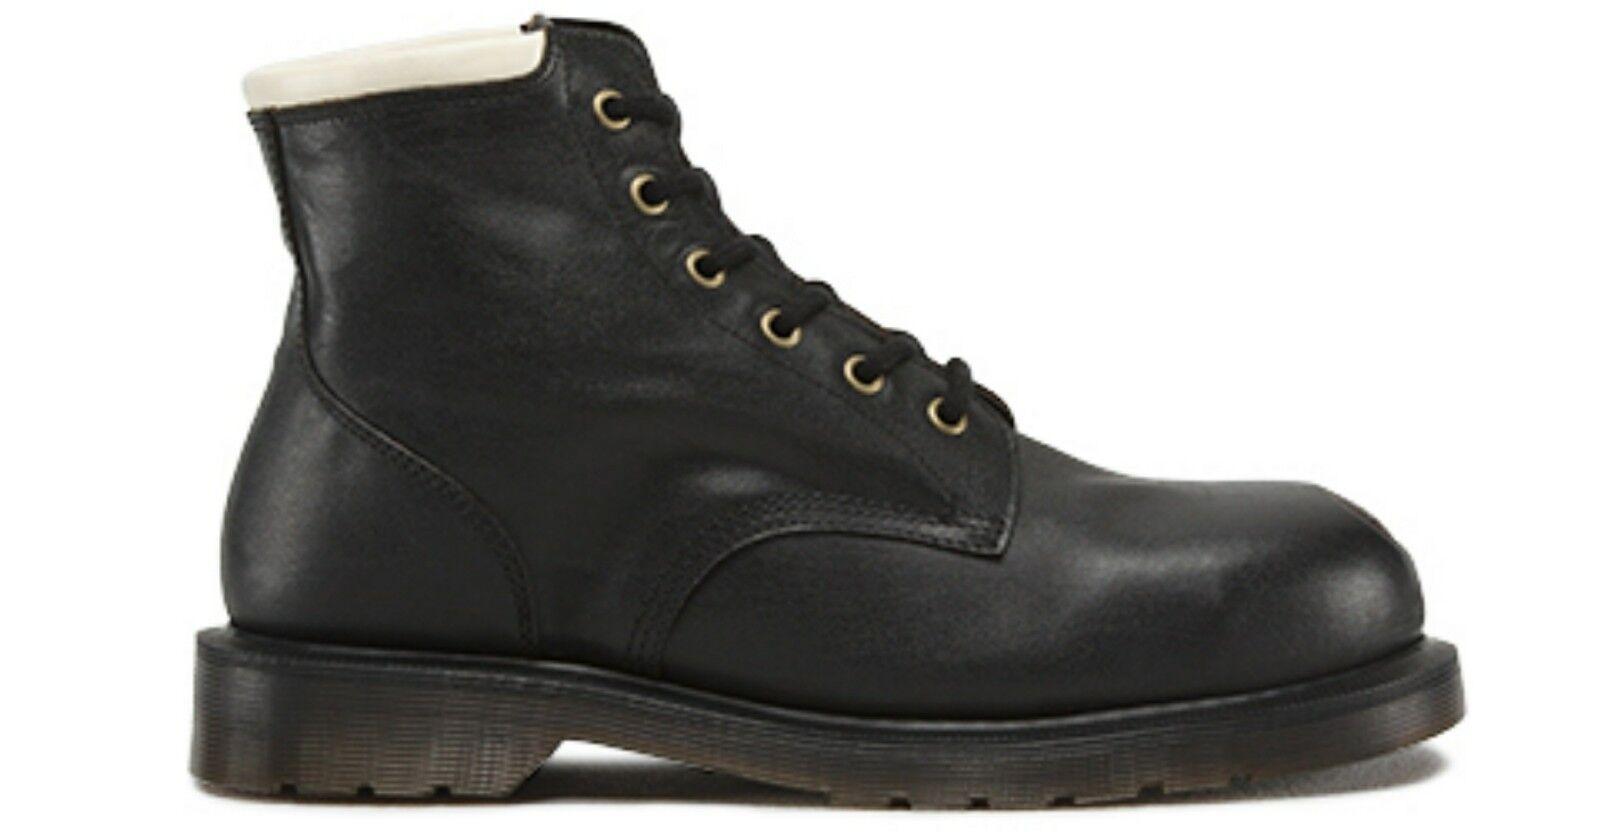 Dr. Martens Tower Black Vintage Steel Toe Boots, US 14, EU 48